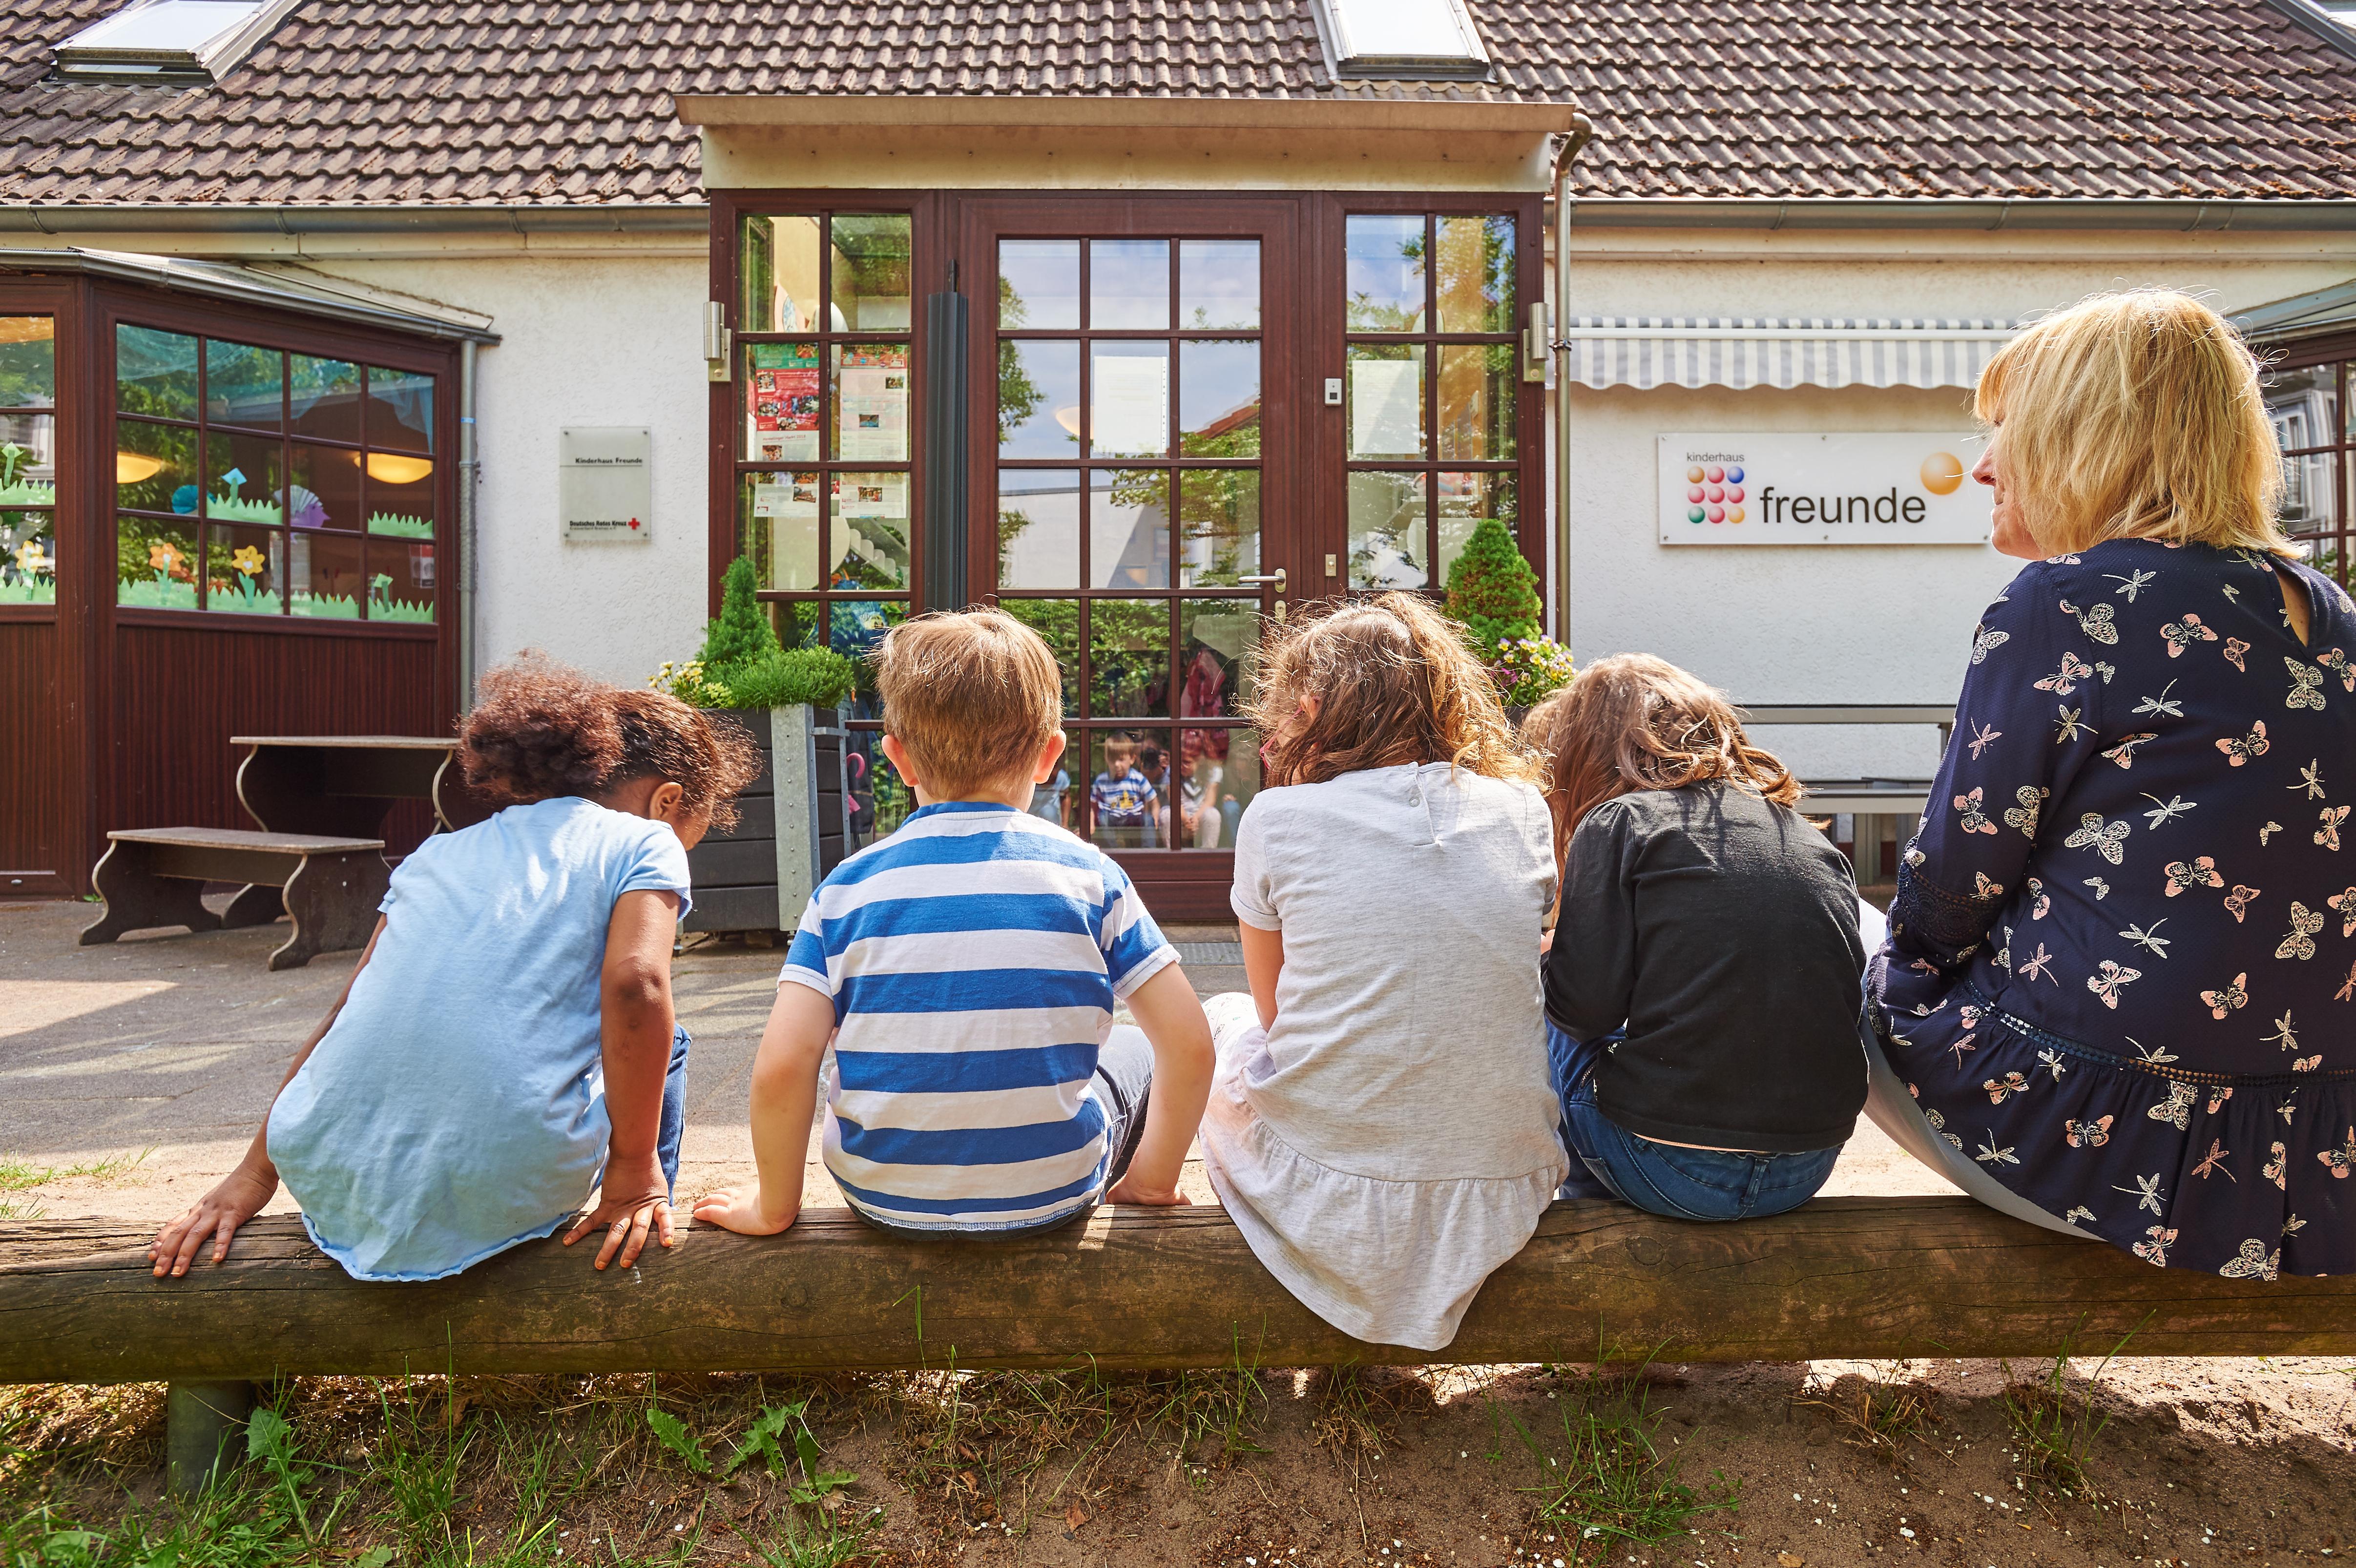 2018-05-29-DRK-Kinderhäuser-hauke-mueller-fotografie-021 Kinderhaus Kleine Marsch